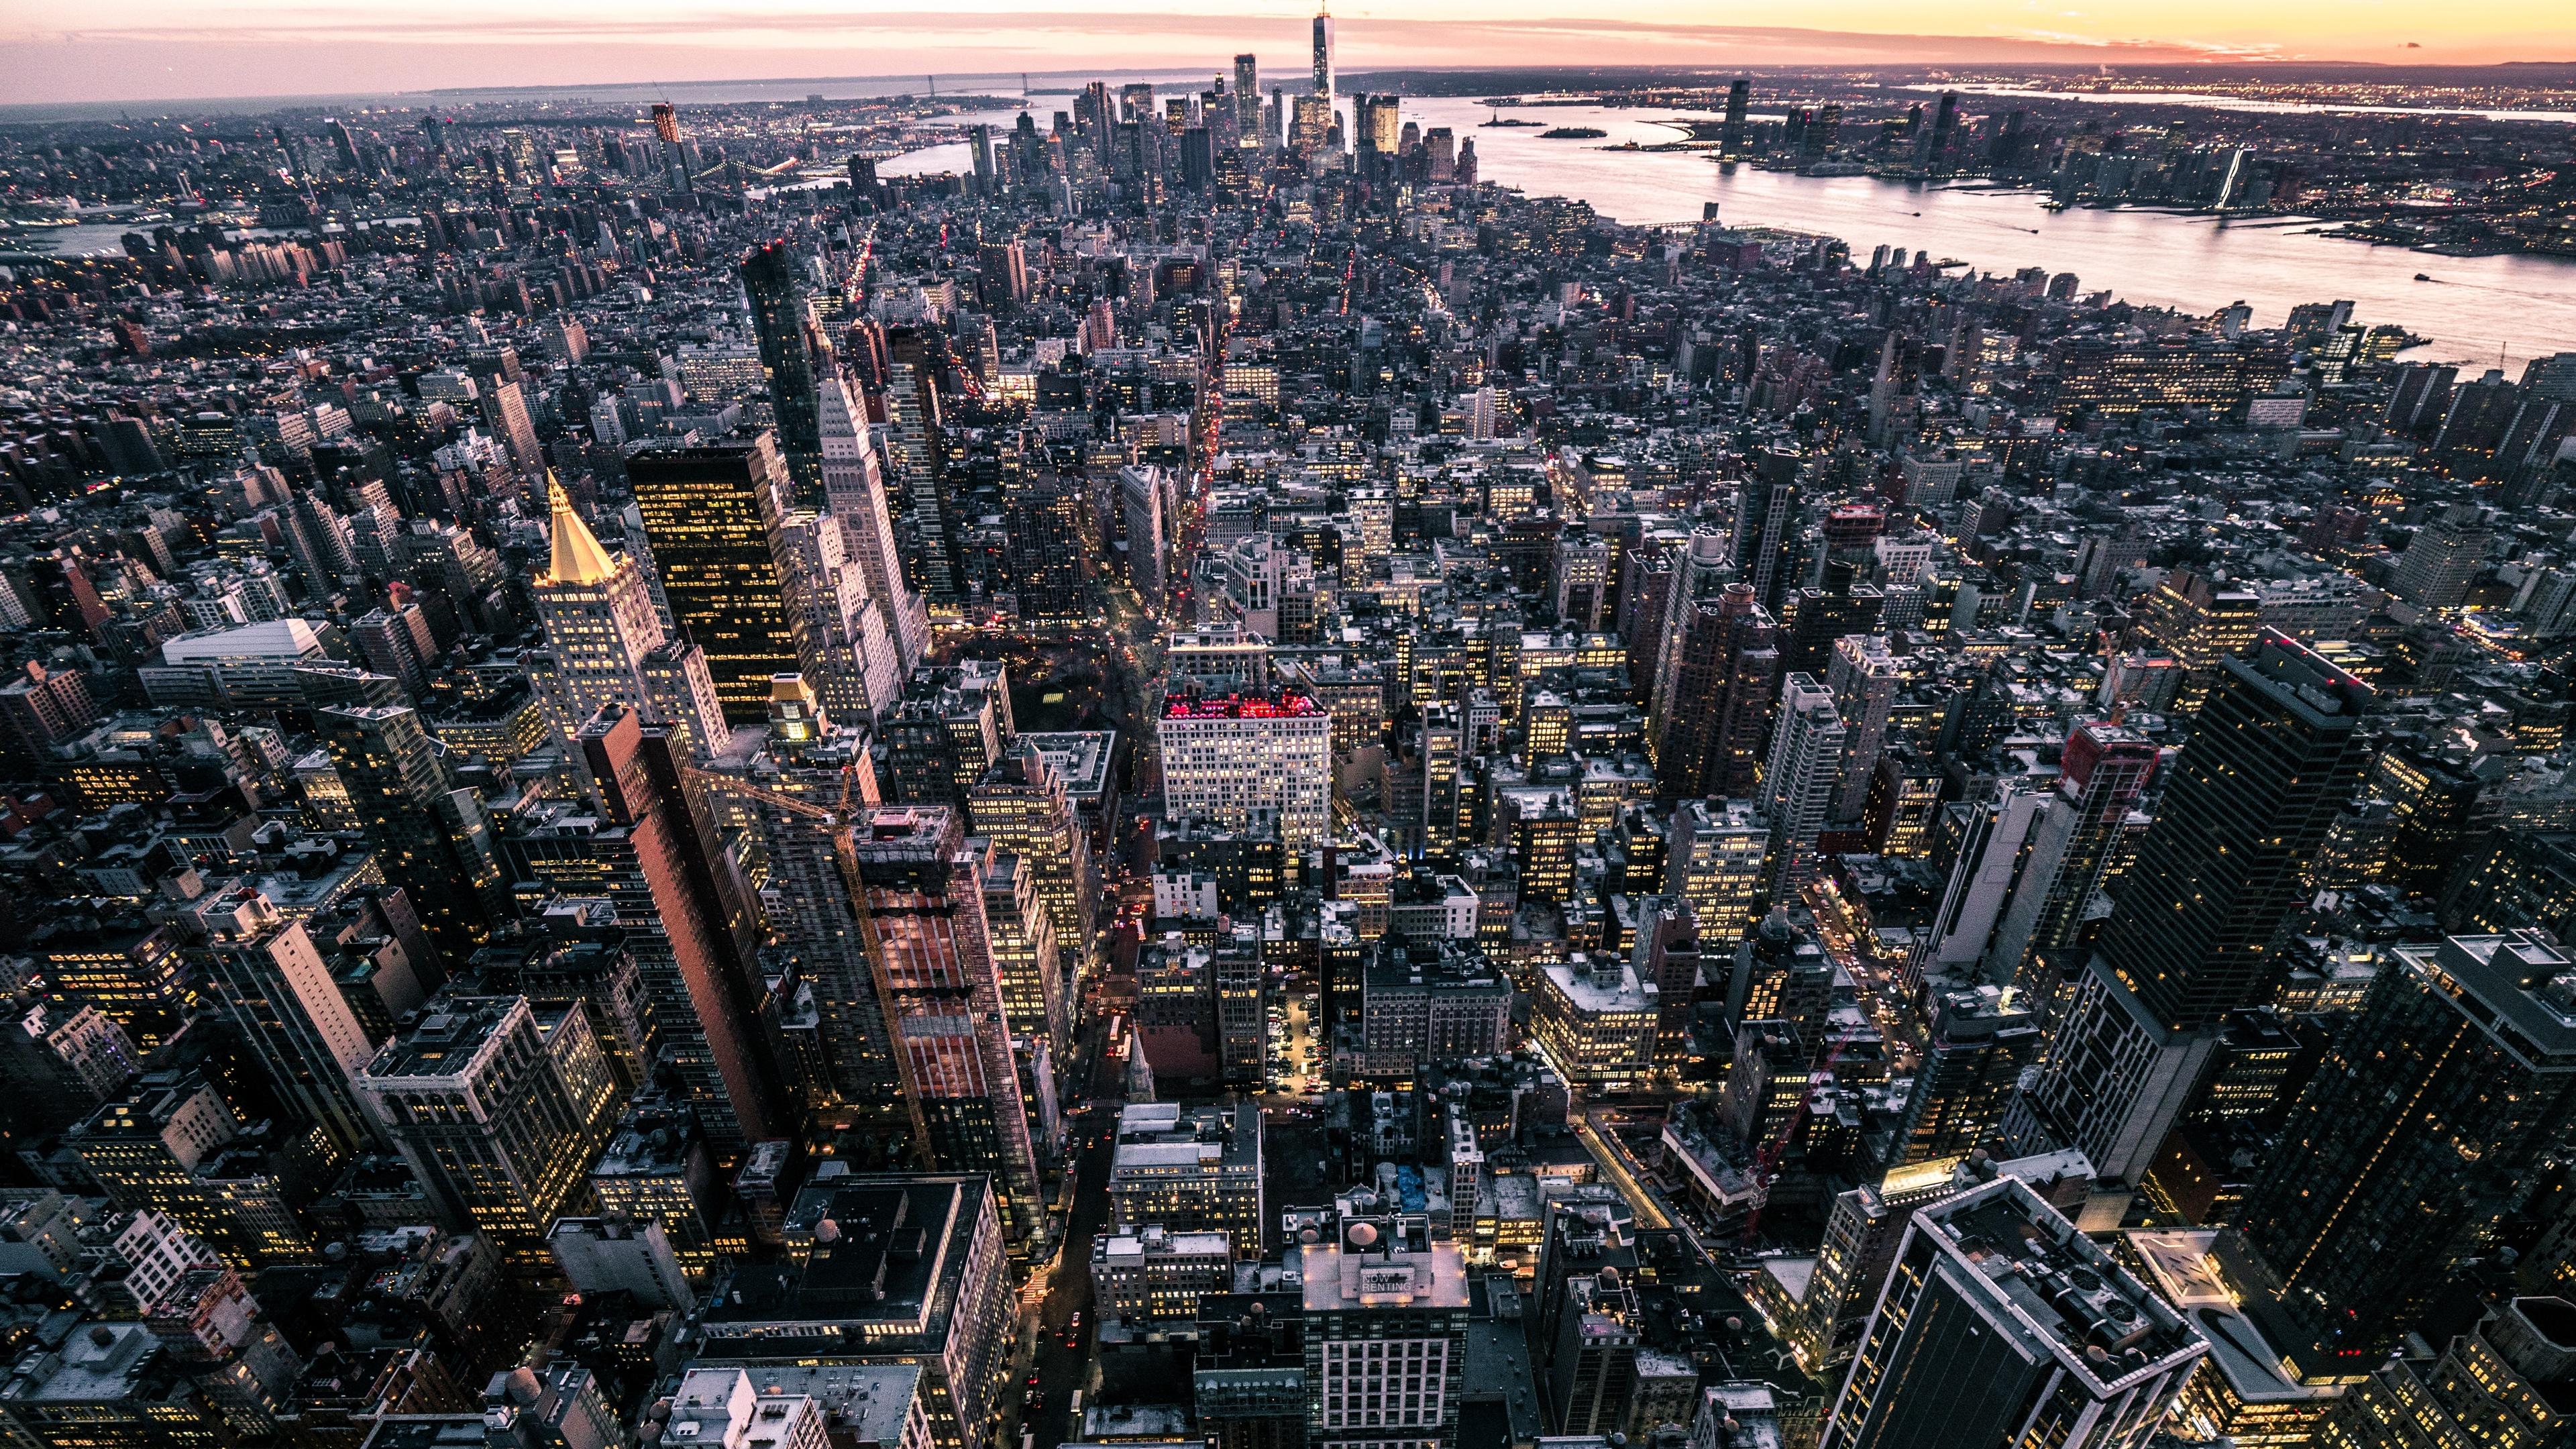 new york usa city top view 4k 1538068865 - new york, usa, city, top view 4k - USA, new york, City